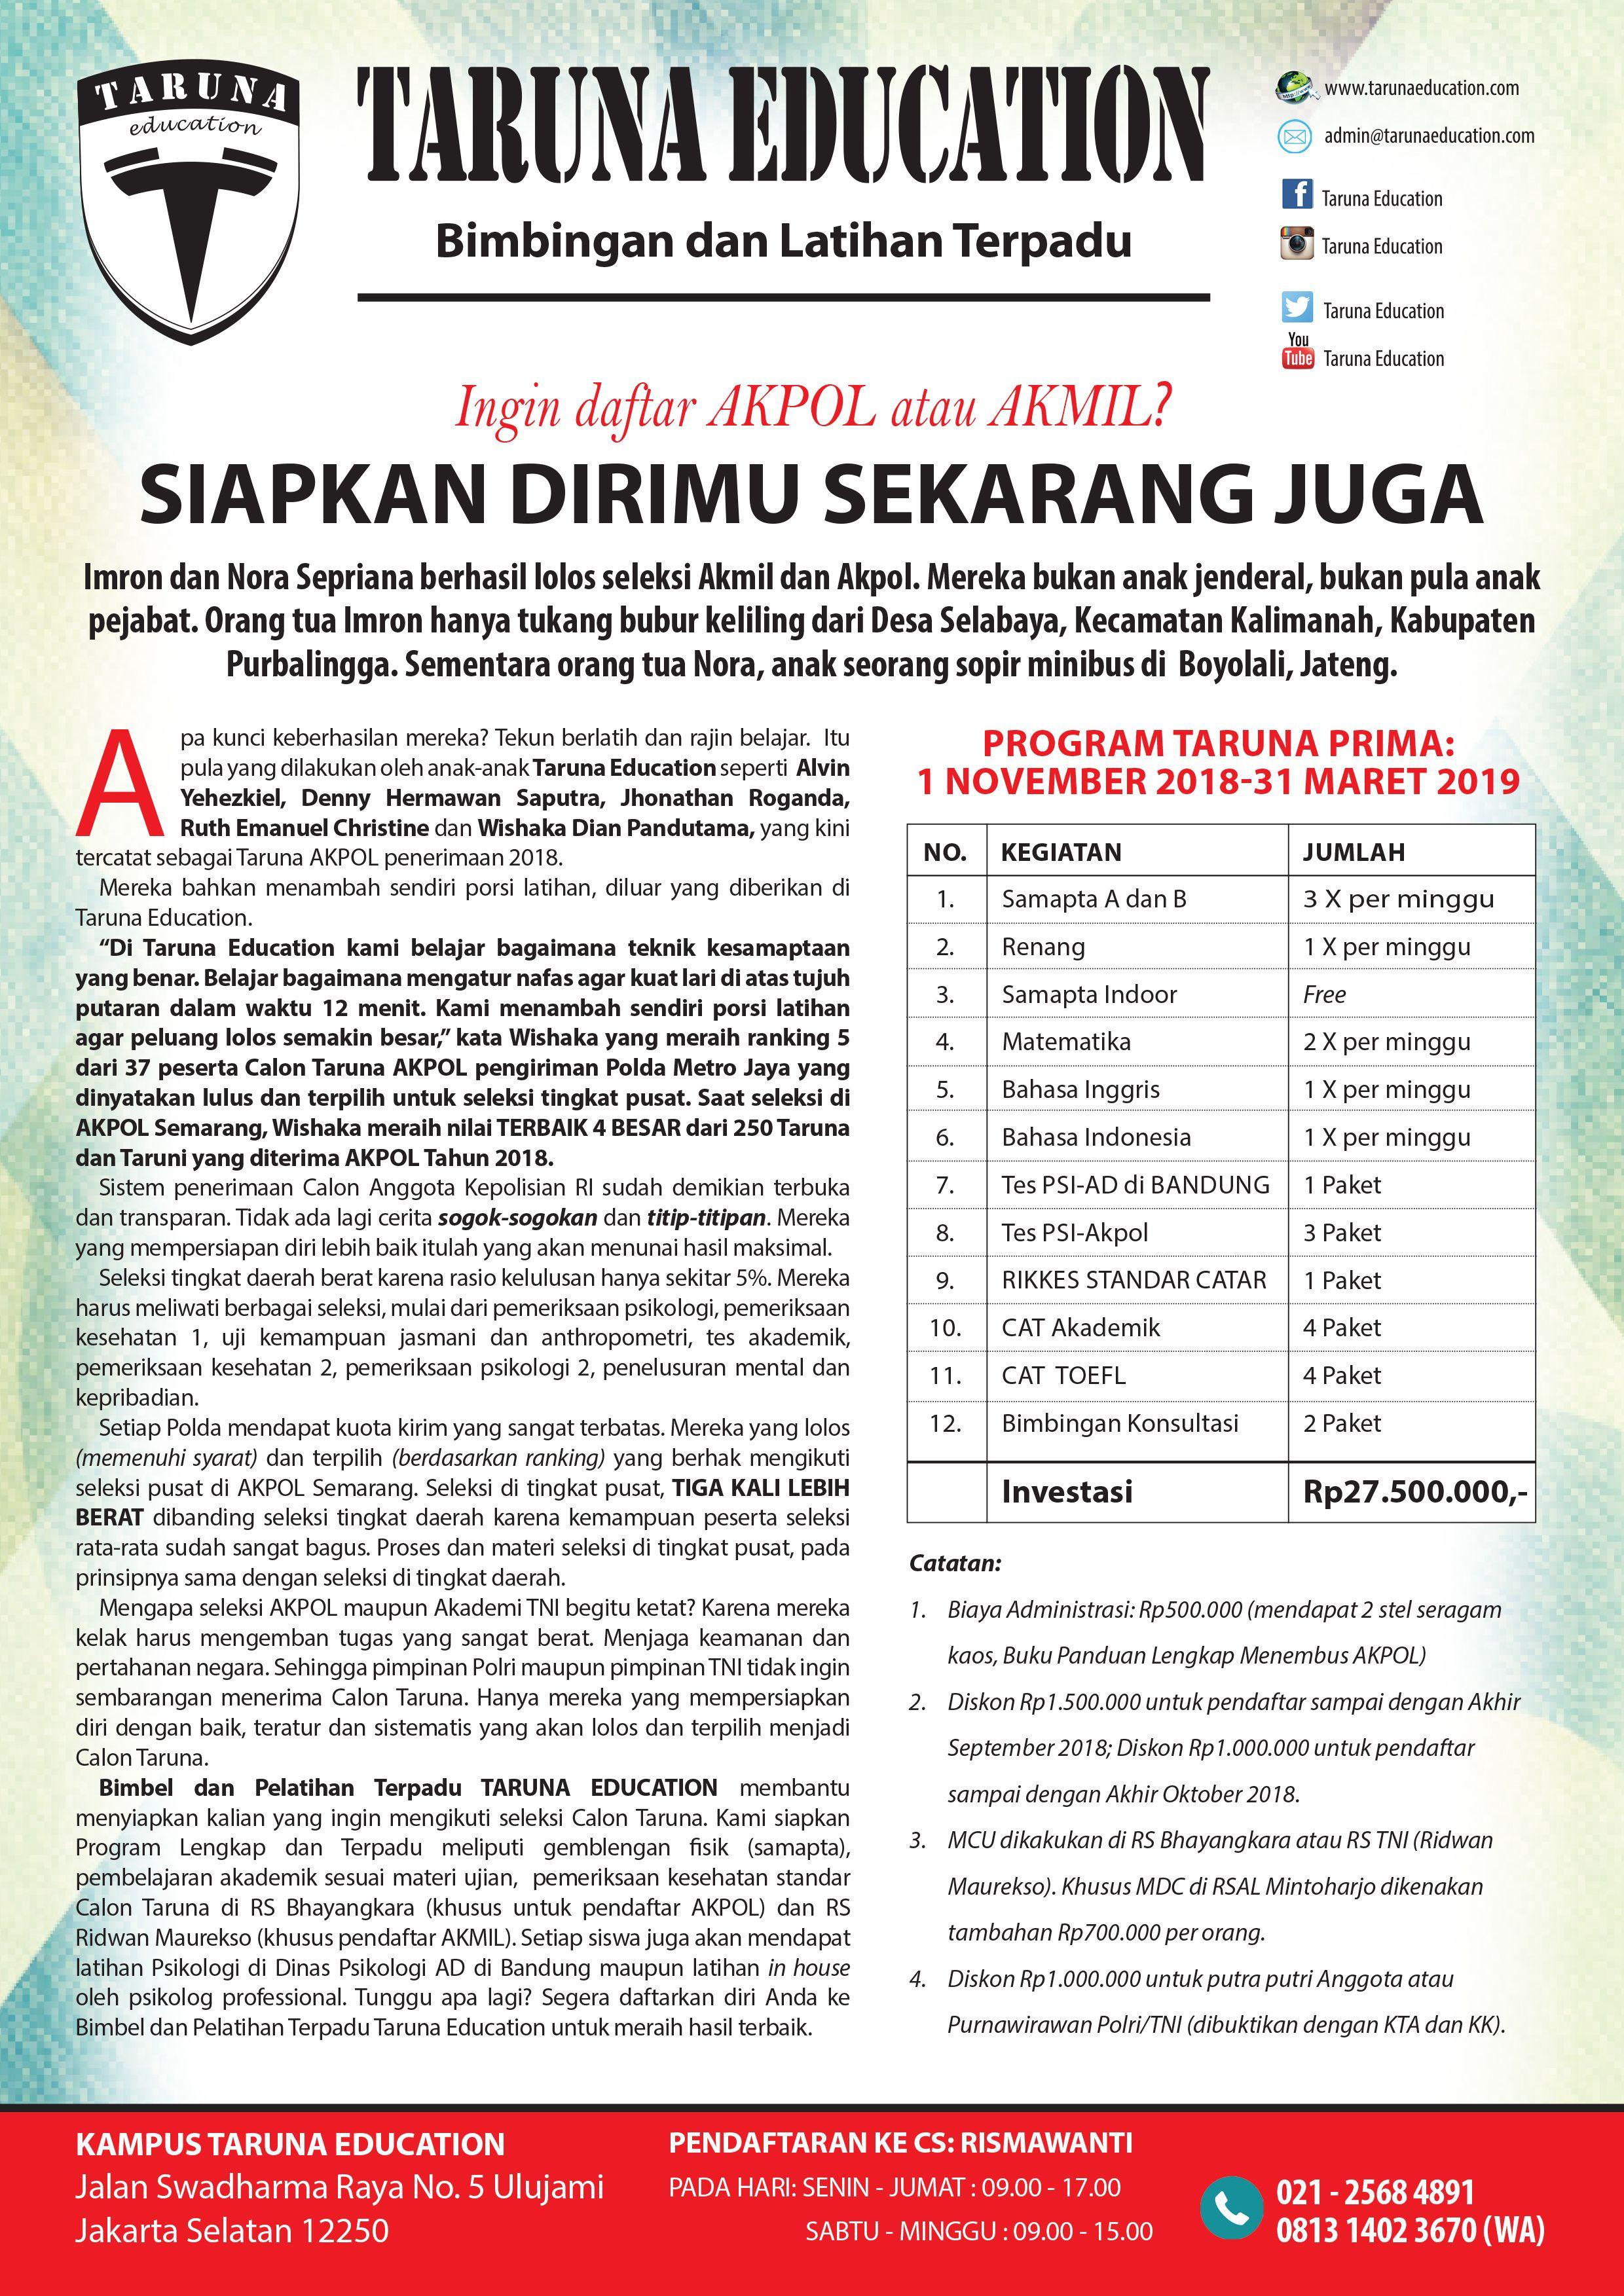 Program Taruna Prima Persiapan Seleksi Akpol Dan Akmil 2019